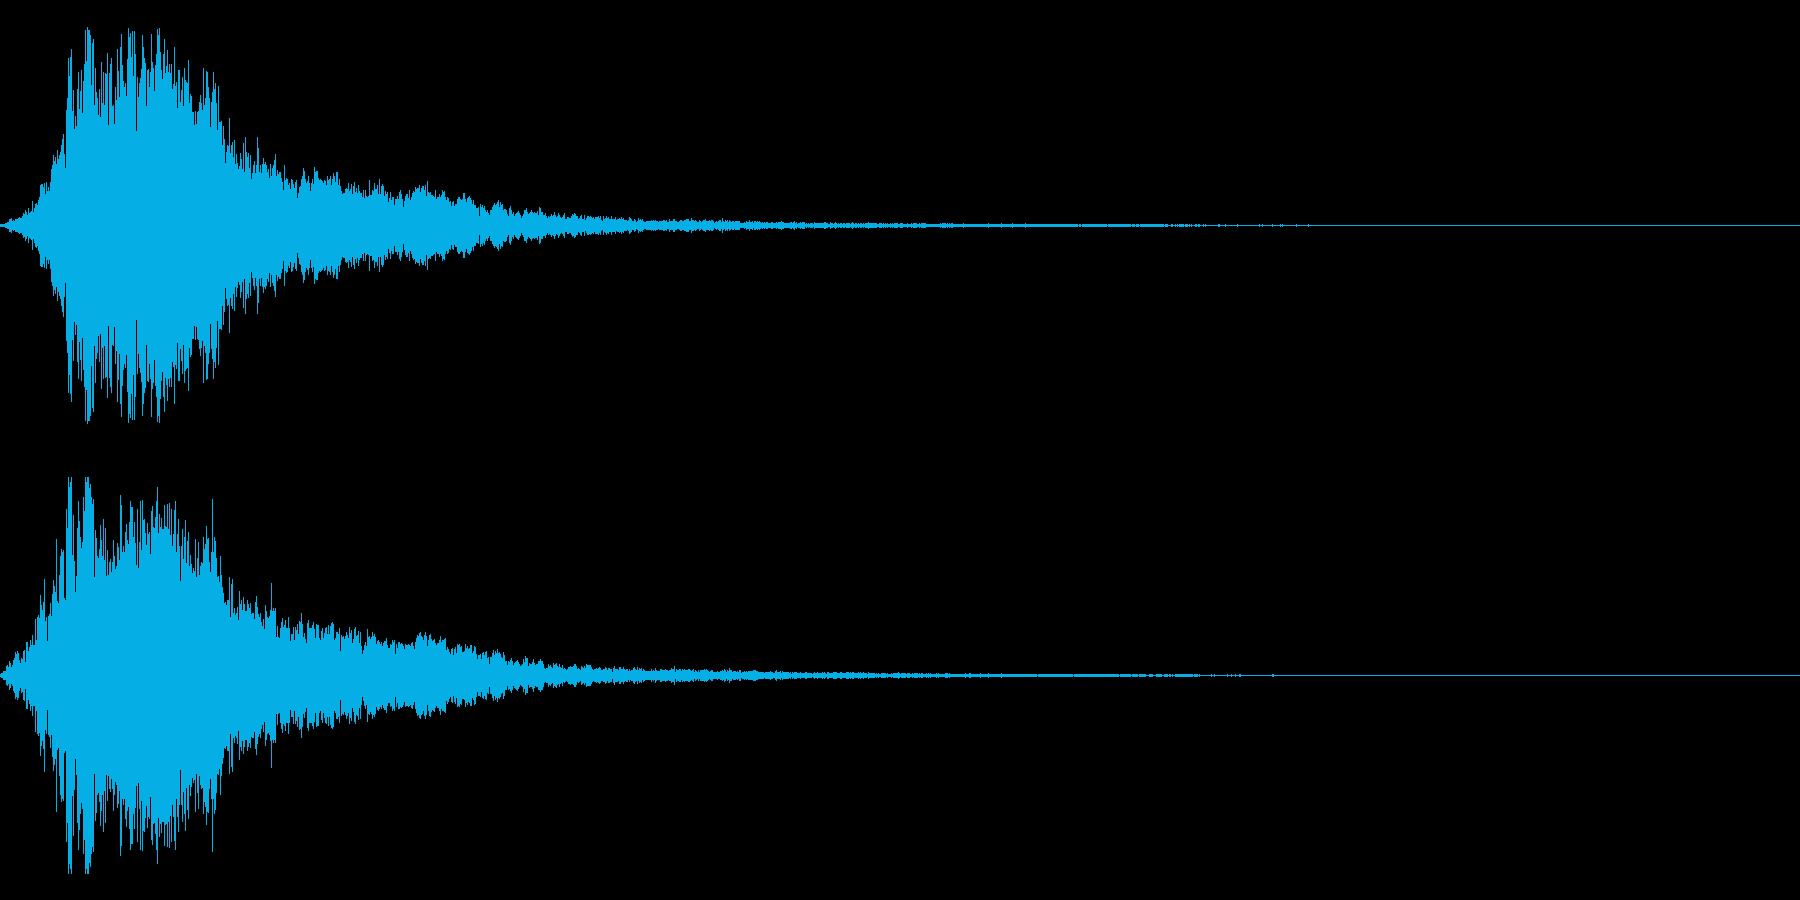 シャキーン!勢いのあるインパクト音 03の再生済みの波形